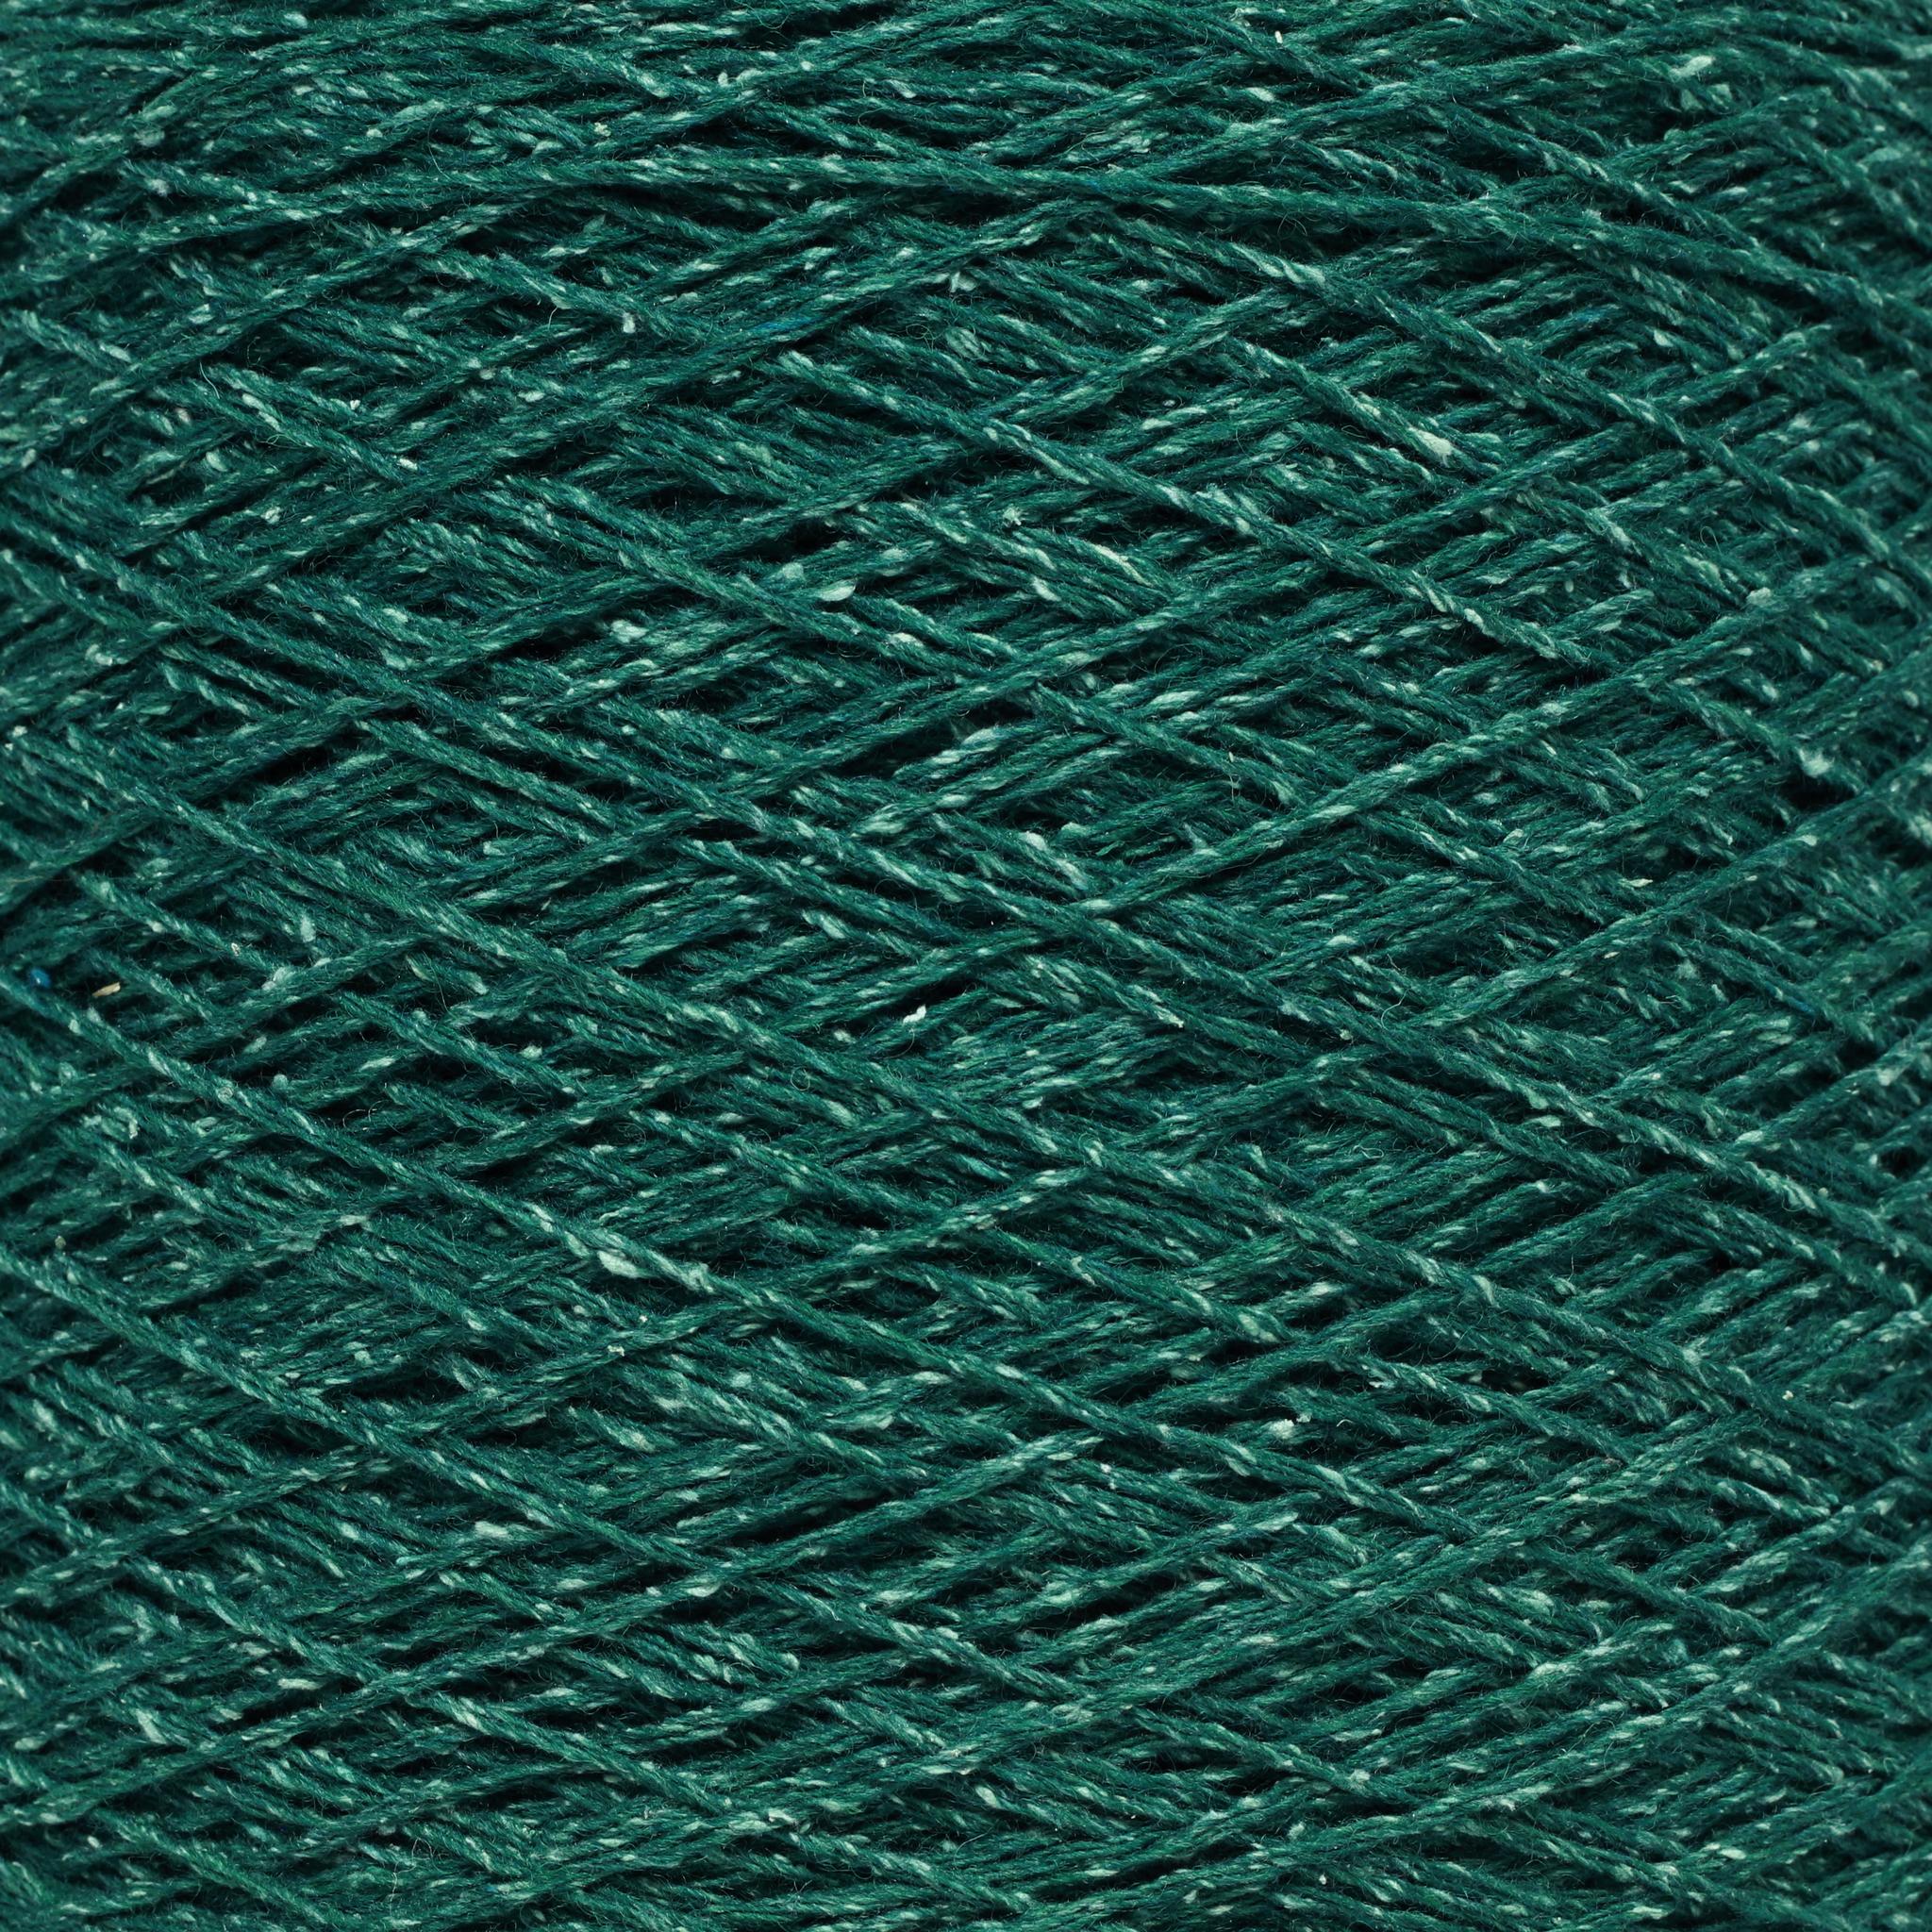 Knoll Yarns Samarkand (двойной) - 133